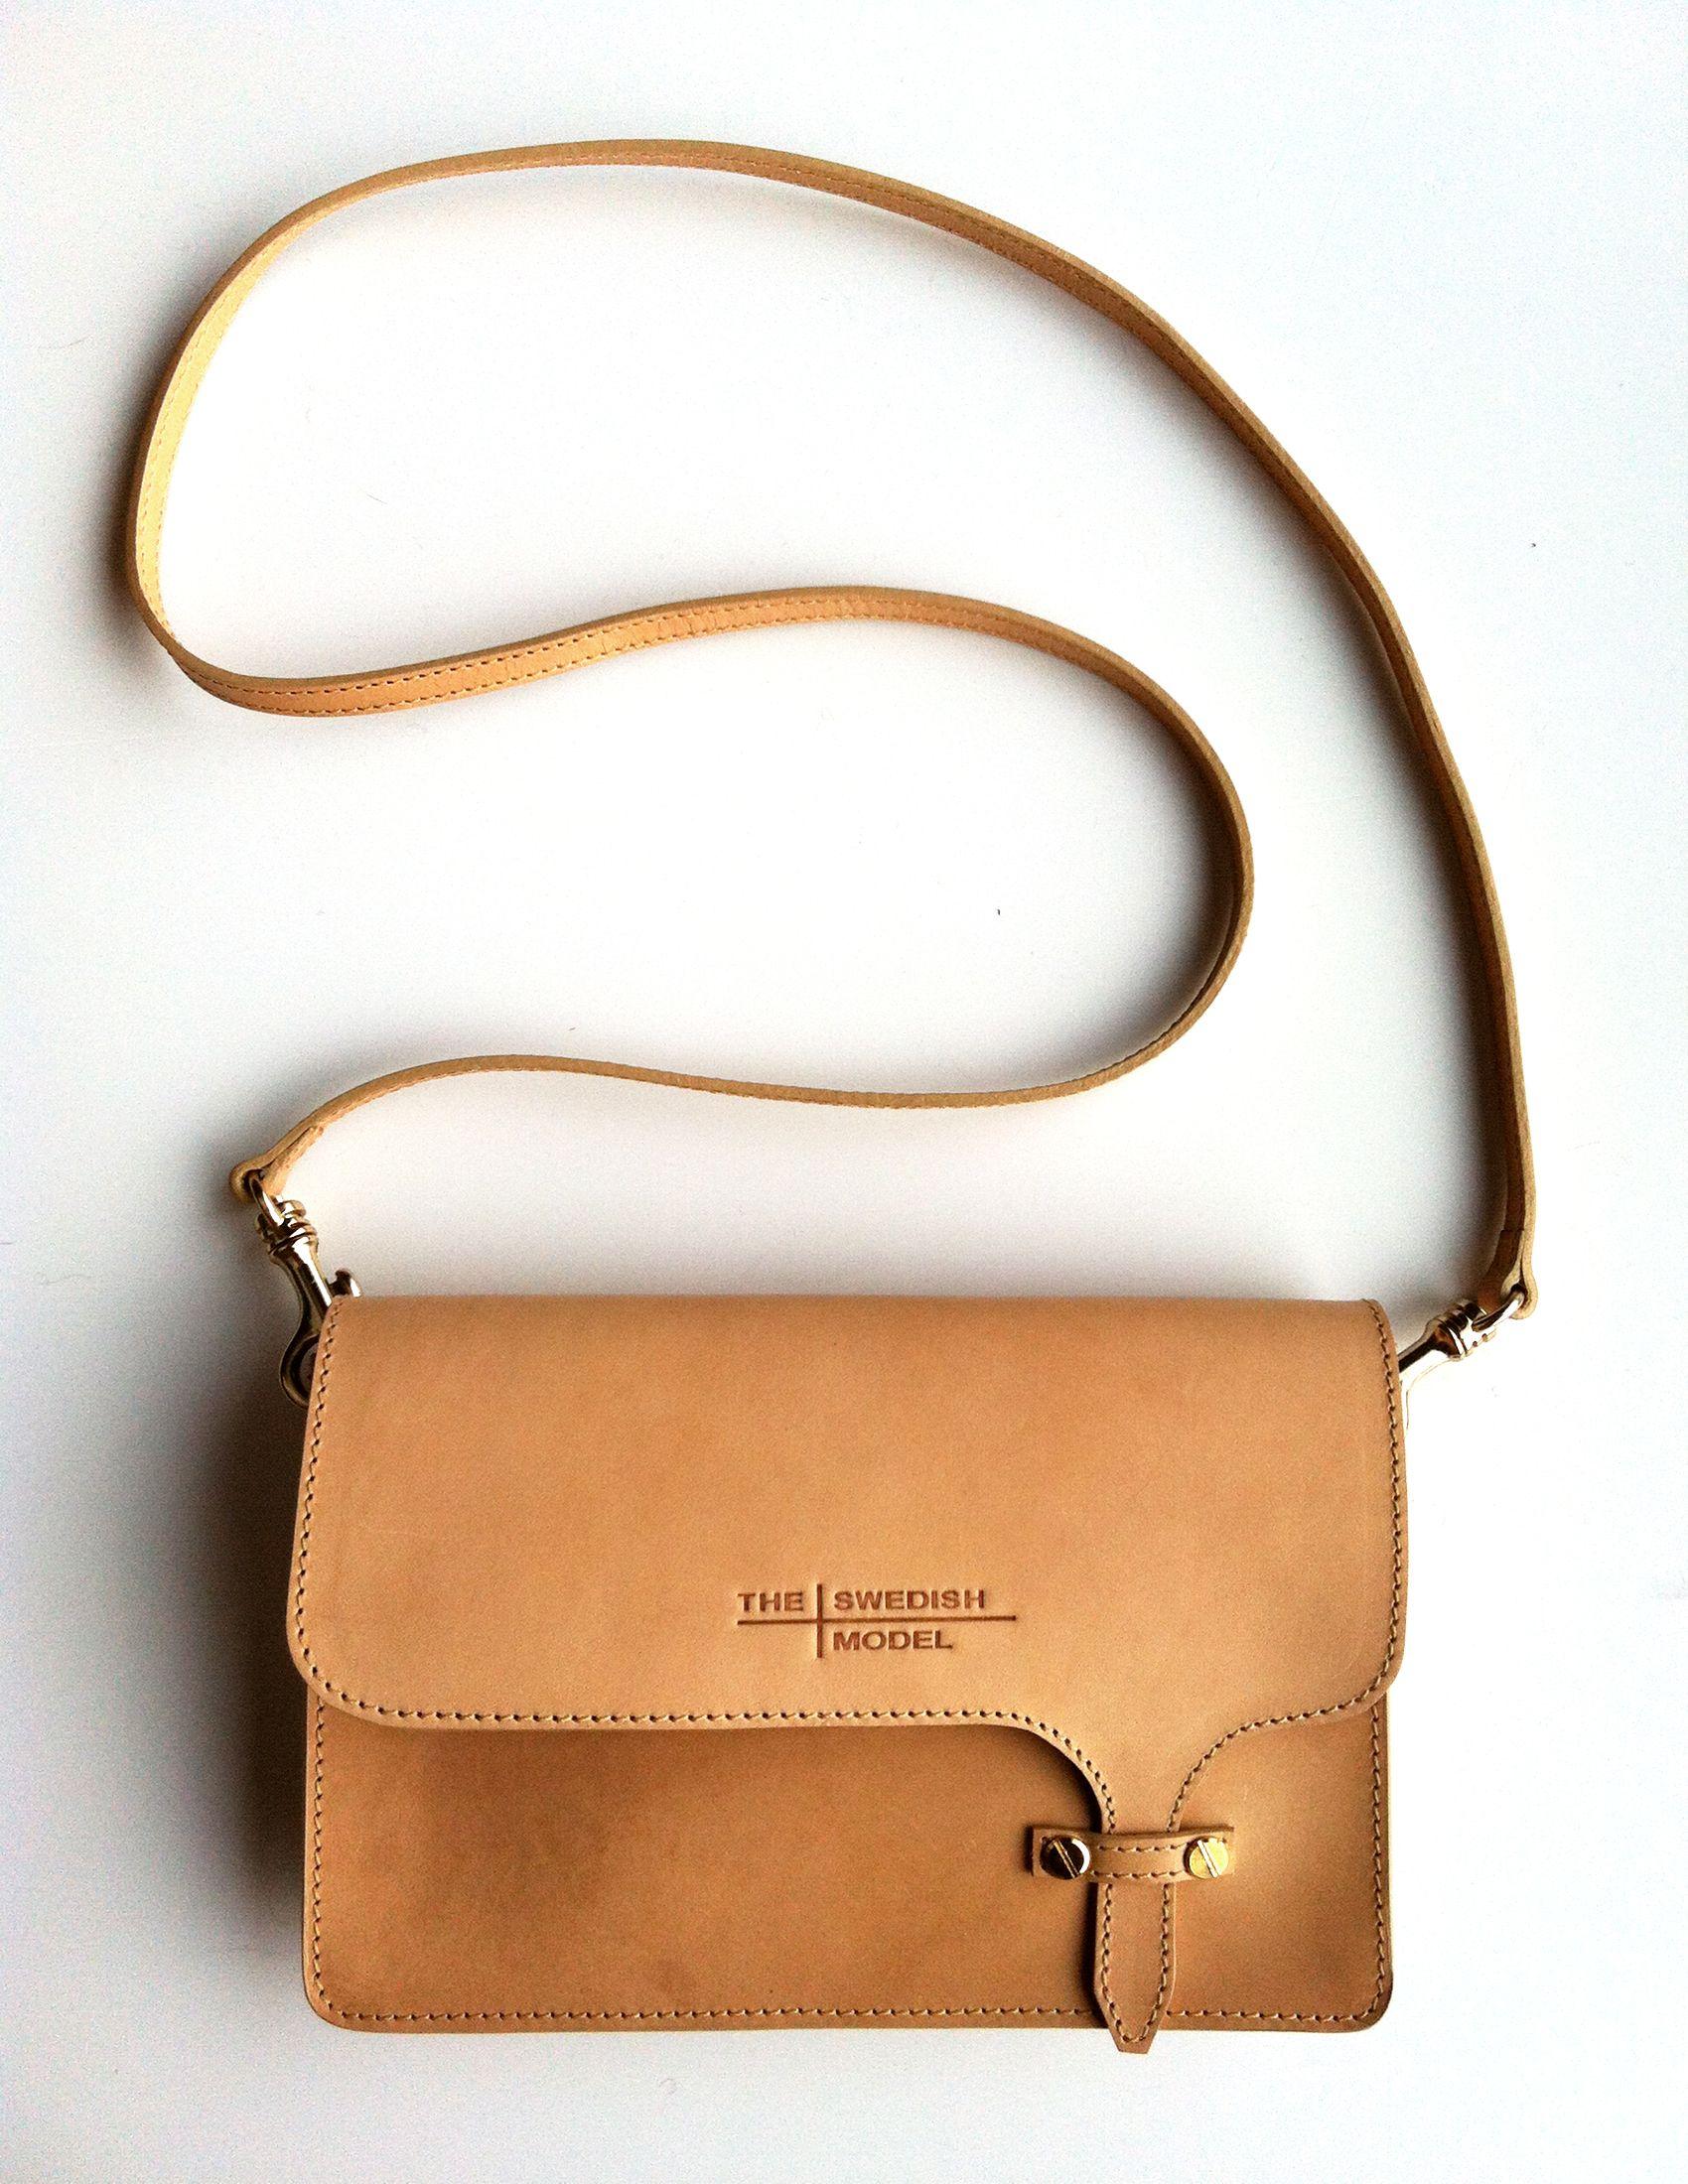 The Swedish Model Bag Bags Handbags Clutches Purses